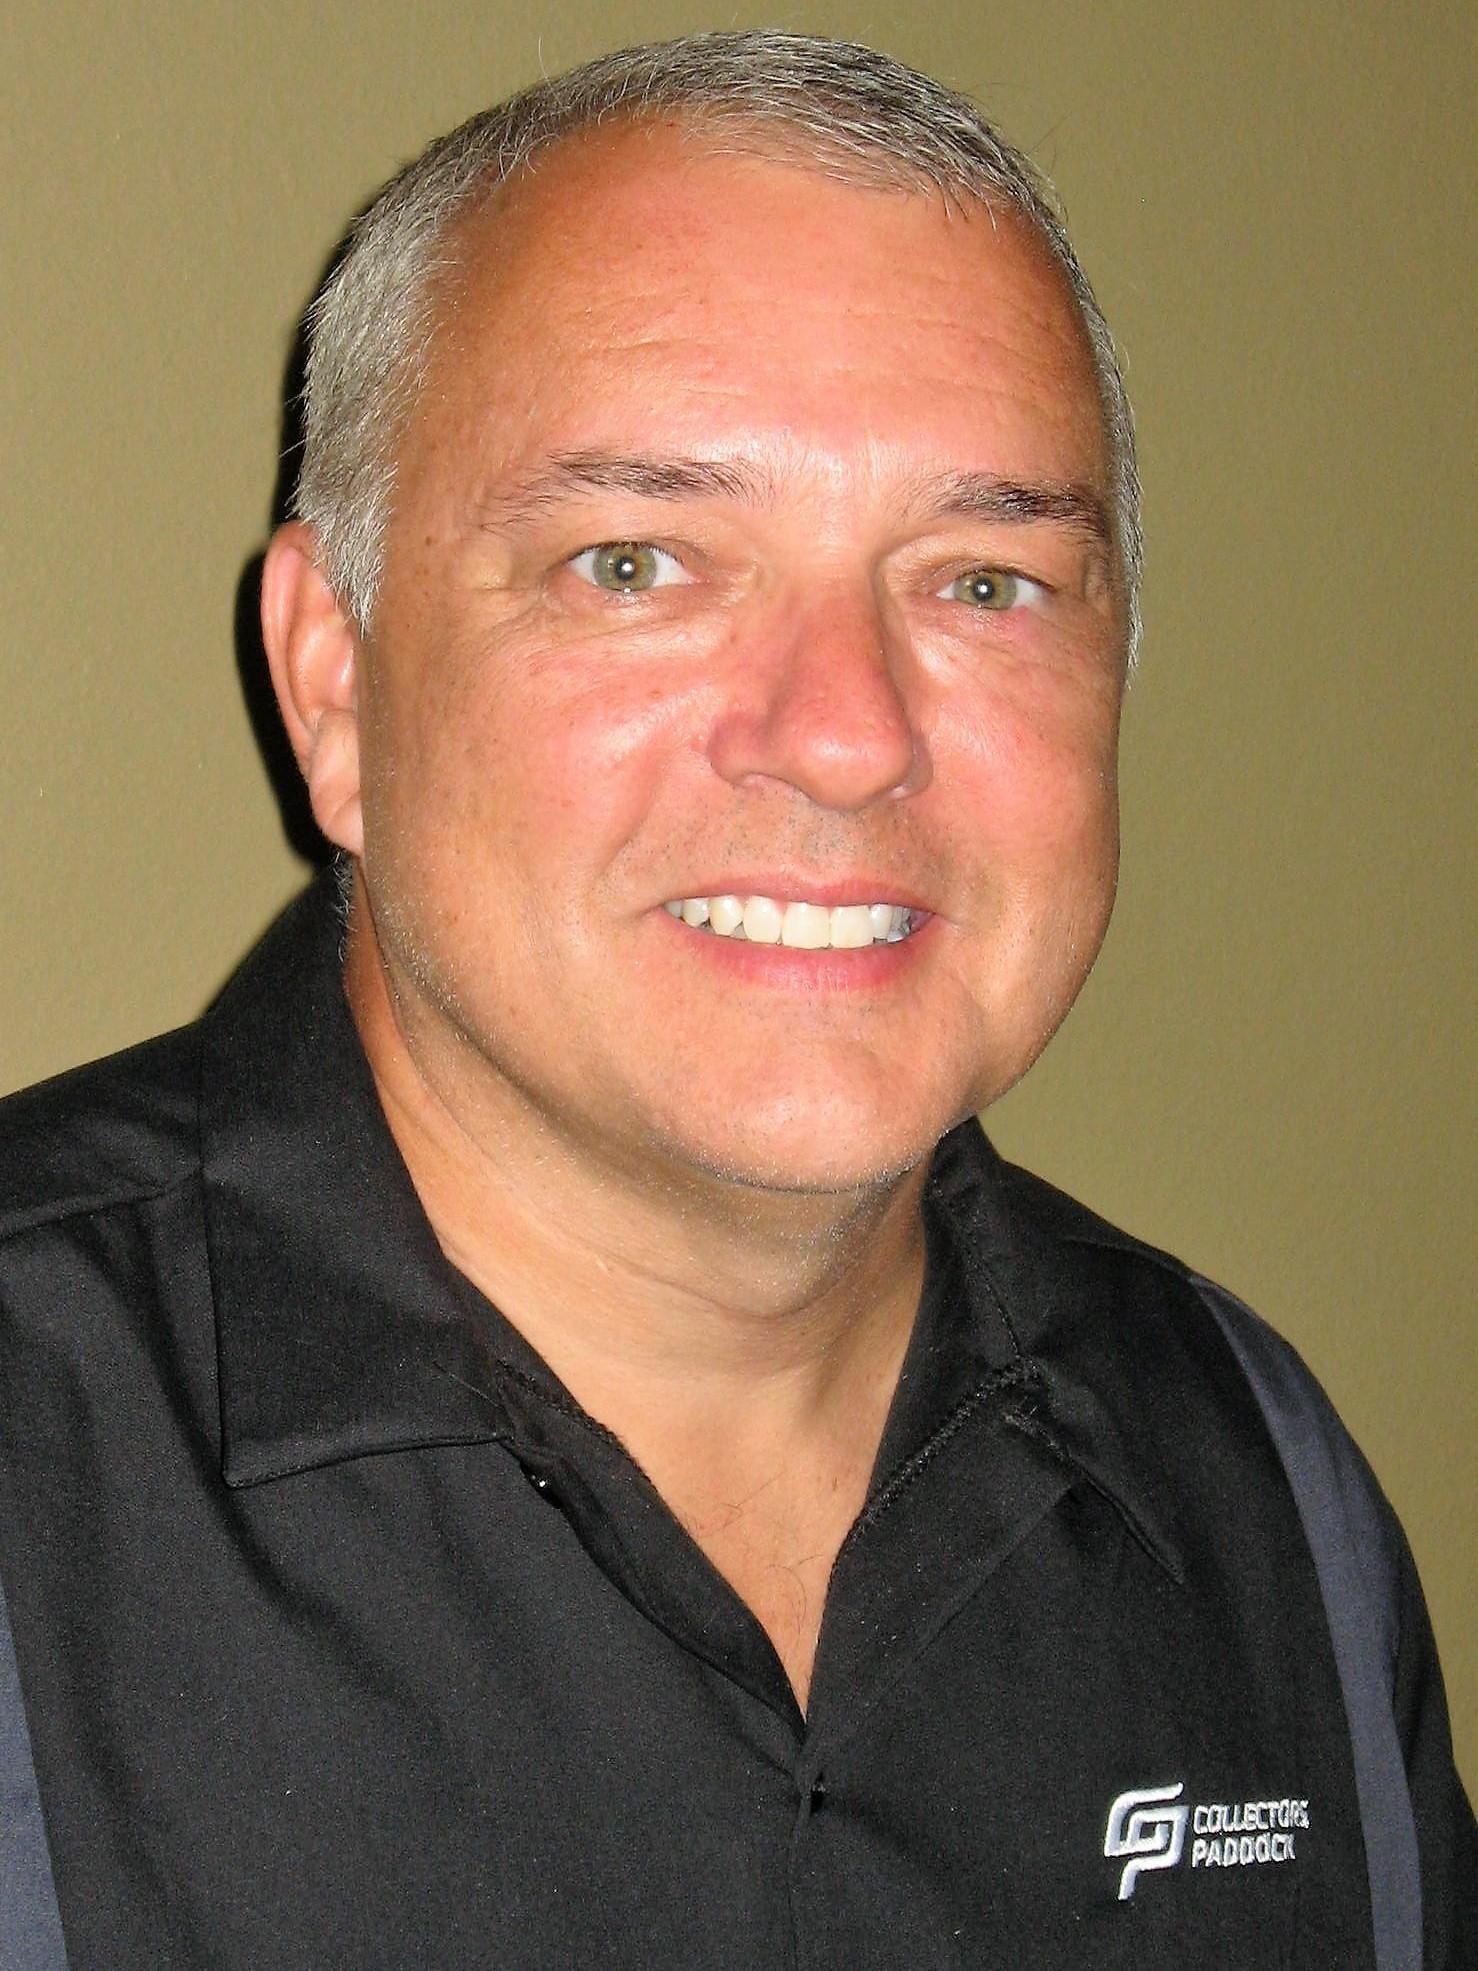 David Kendler